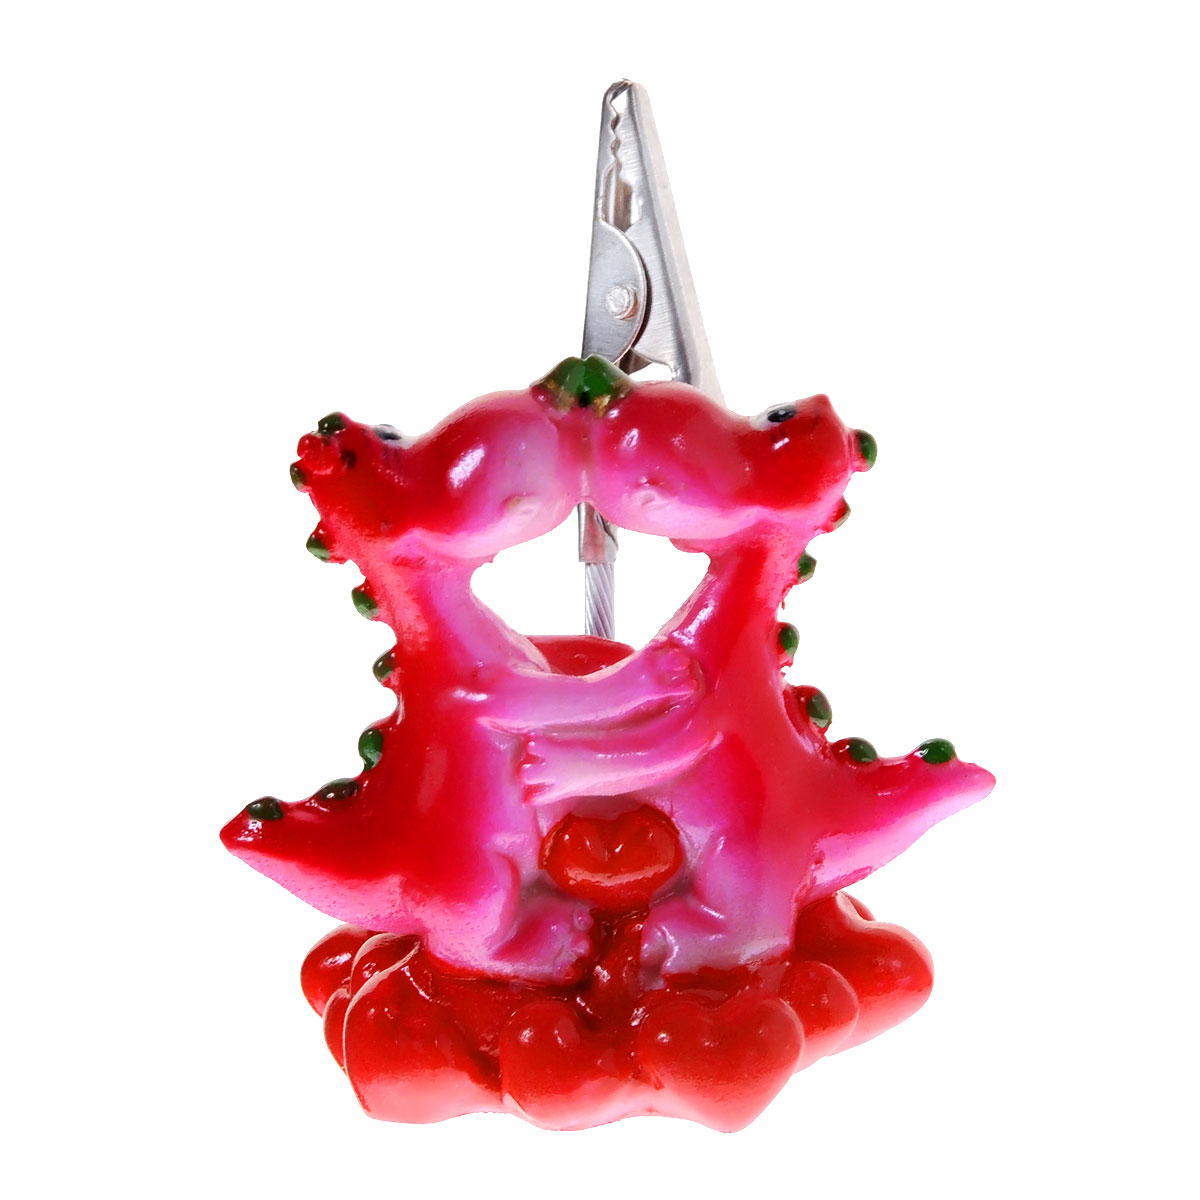 Статуэтка декоративная Lunten Ranta Влюбленные дракончики, с держателем для карточек, цвет: красный, розовый59101Очаровательная статуэтка Lunten Ranta Влюбленные дракончики станет оригинальным подарком для всех любителей стильных вещей. Она выполнена из полирезины в виде дракончиков с сердечком. Статуэтка оснащена металлическим держателем для карточек. Изысканный сувенир станет прекрасным дополнением к интерьеру. Вы можете поставить статуэтку в любом месте, где она будет удачно смотреться, и радовать глаз.